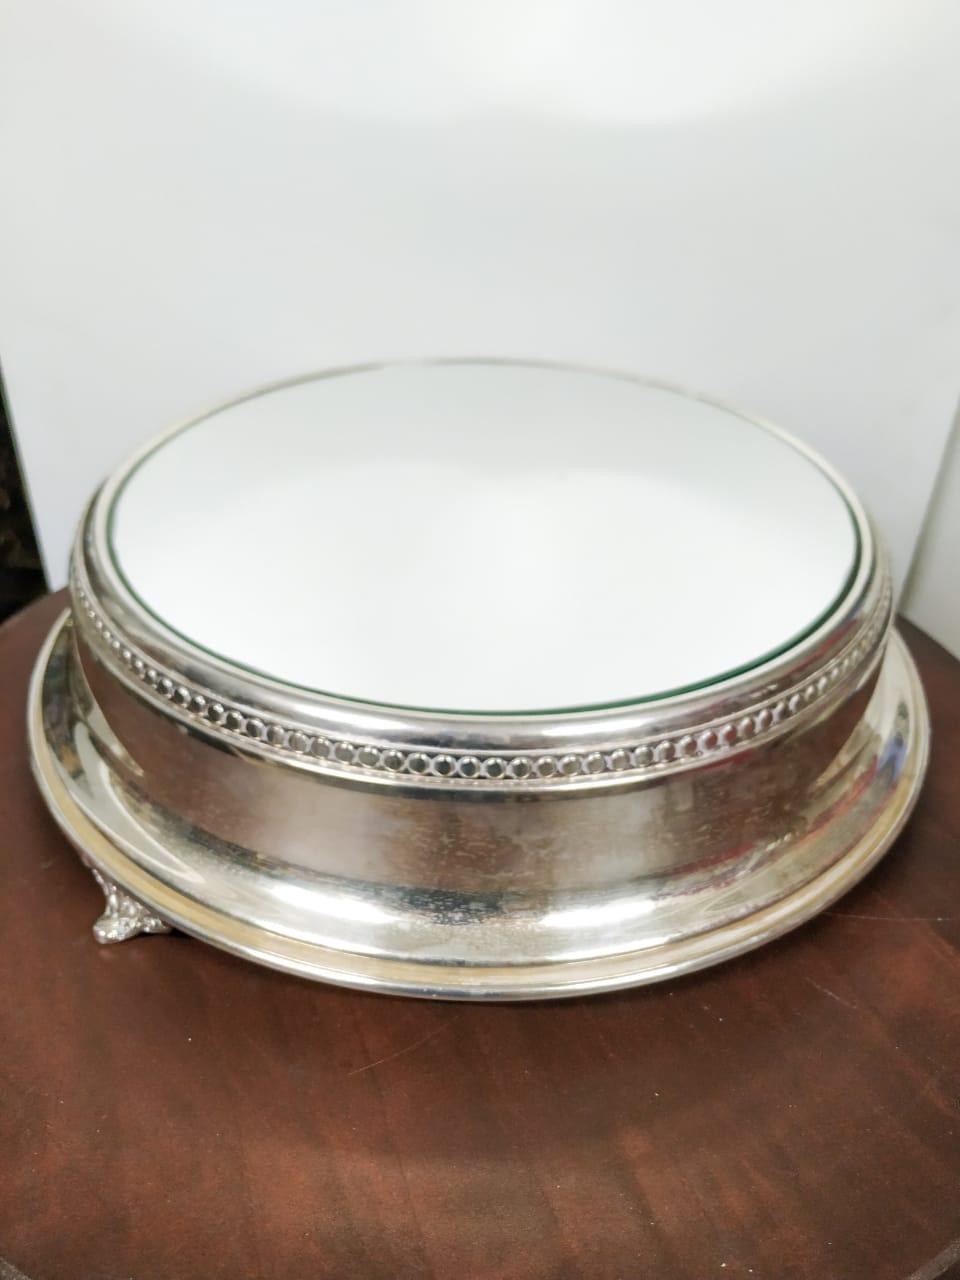 Boleira de prata espelhada  M